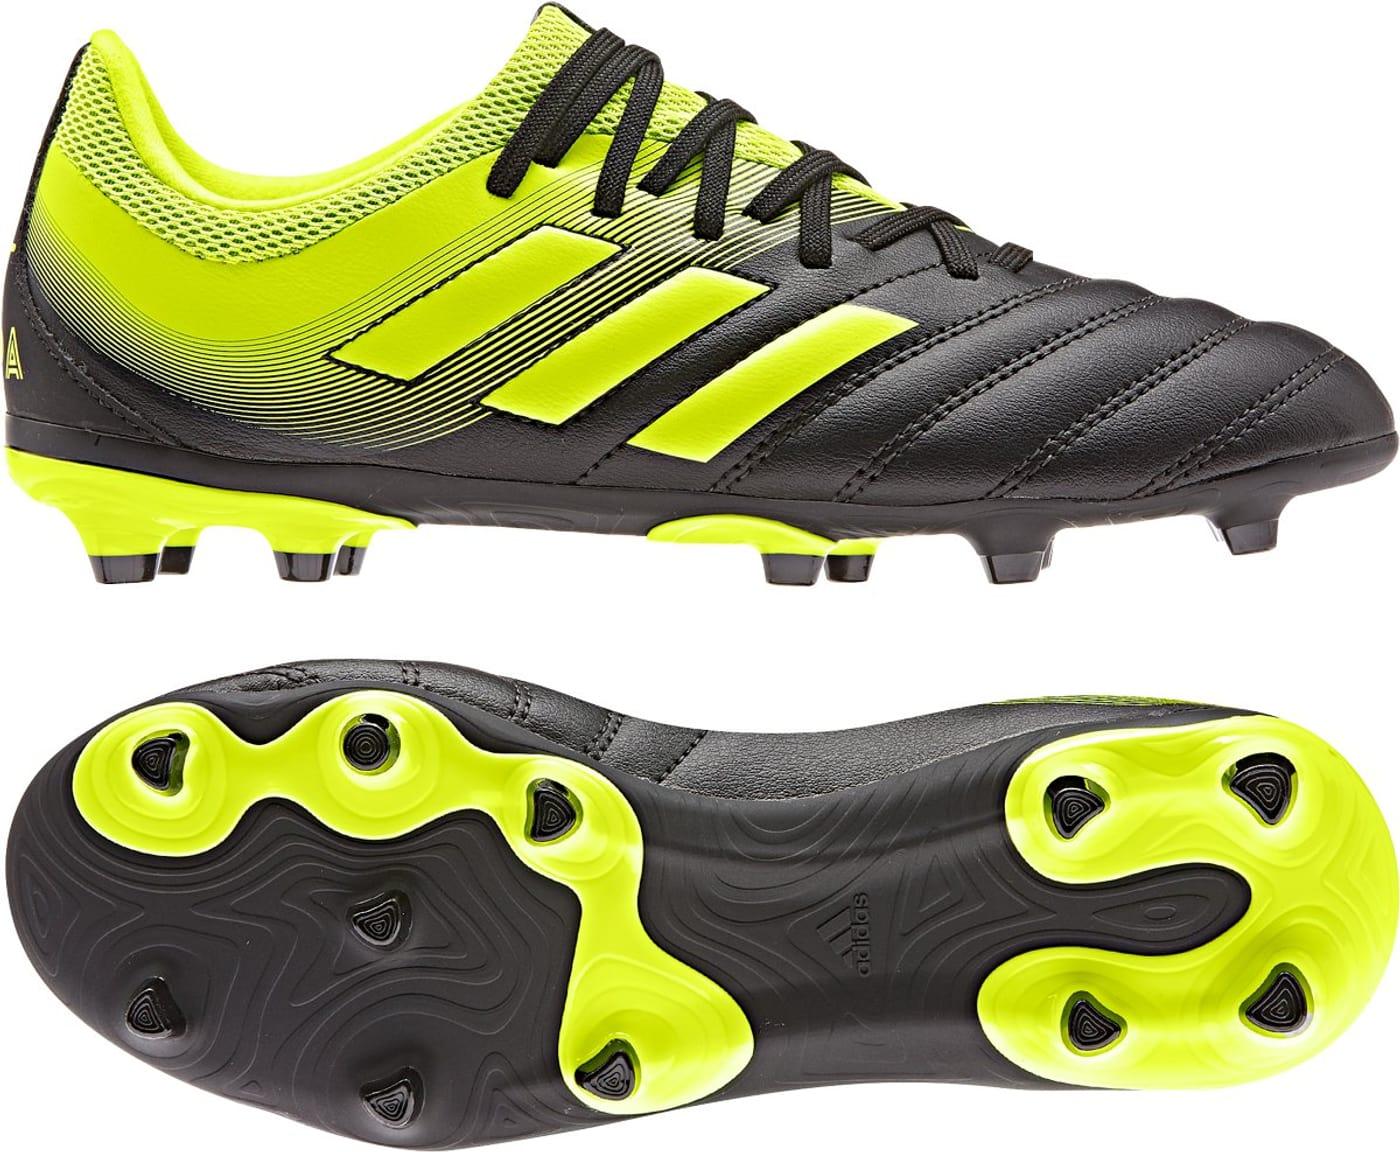 huge selection of d9ccc d375d Adidas Copa 19.3 FG Scarpa da calcio per bambini